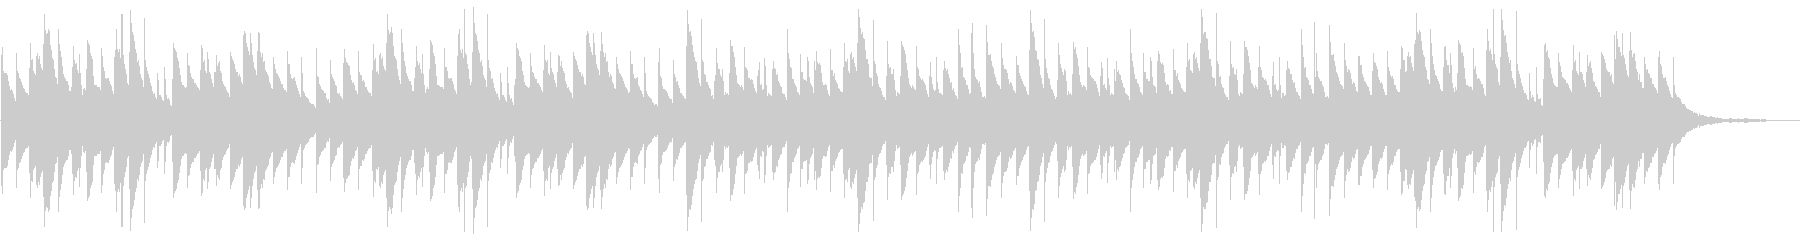 悲しい旋律のオルゴールの未再生の波形